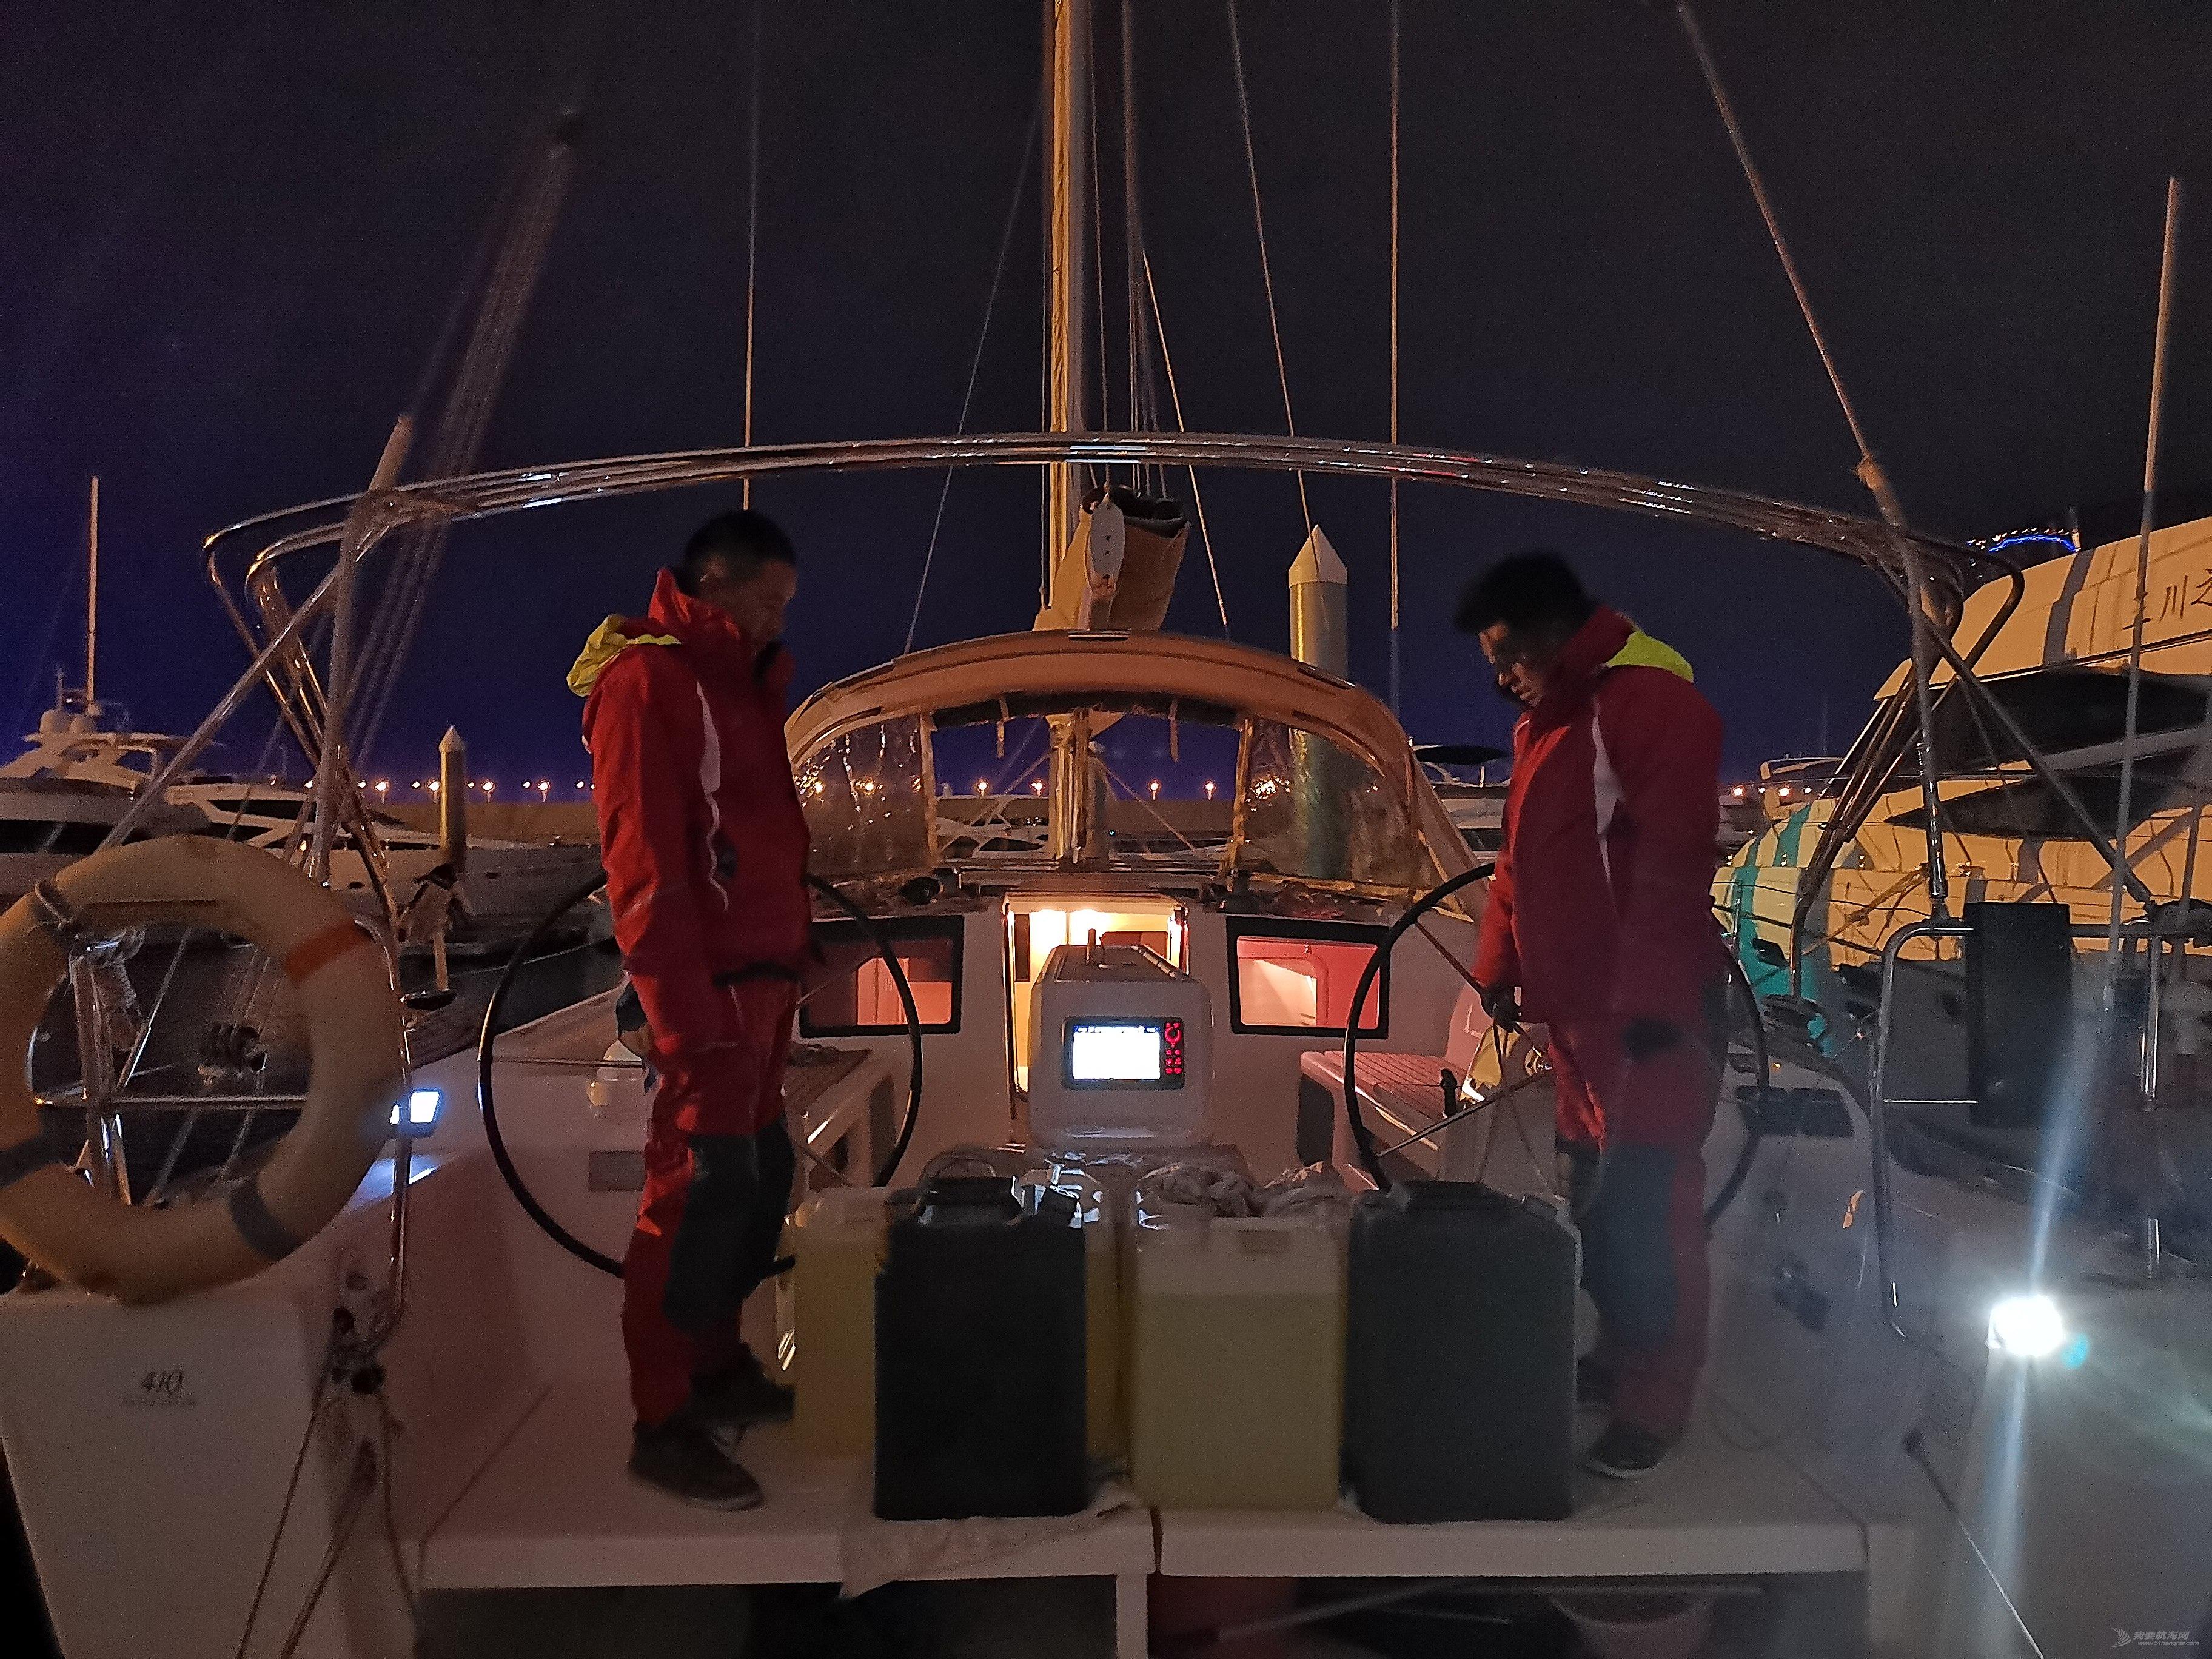 风雨兼程--大连航海家驭风骑士帆船队CCOR帆船赛赛事记 启航篇